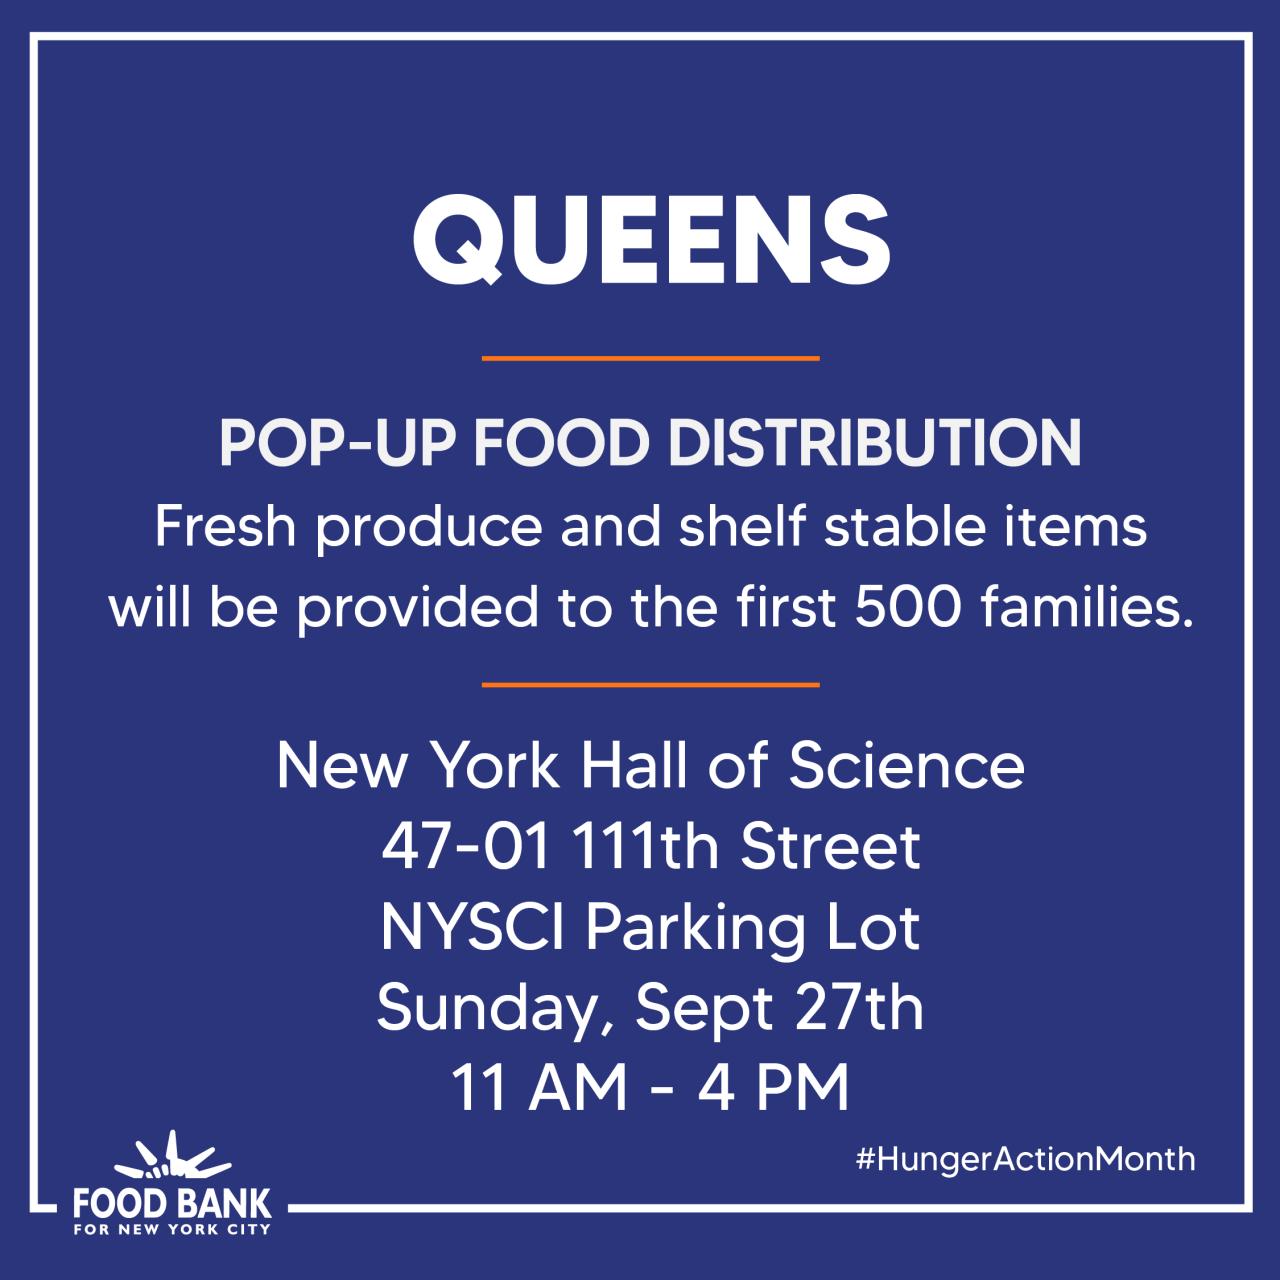 Queens food bank